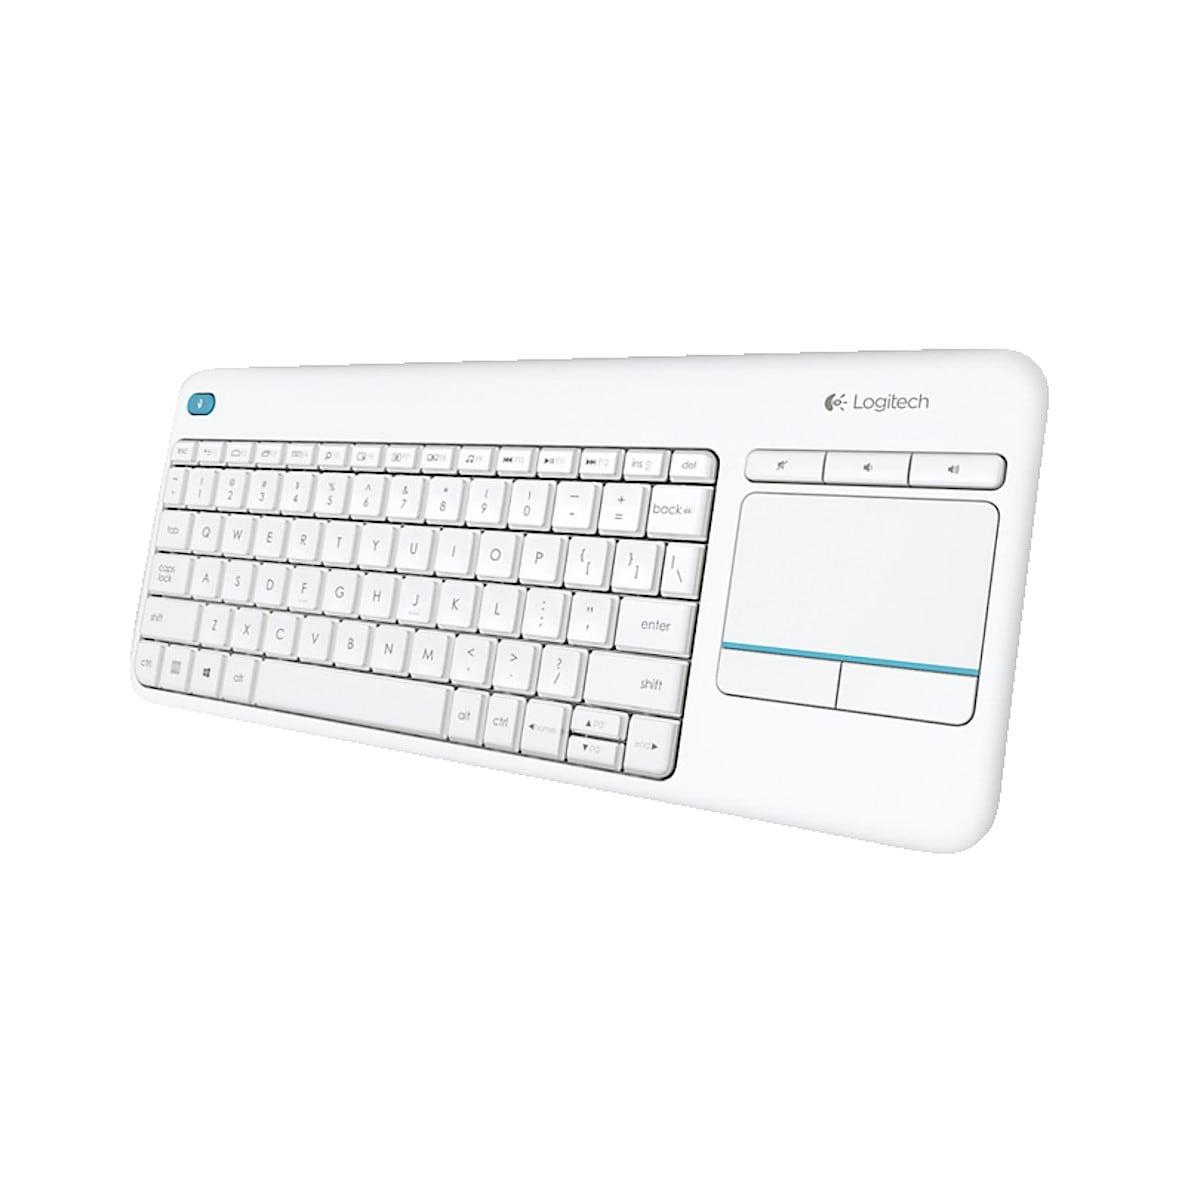 Trådlöst tangentbord med touchplatta, K400 Plus Logitech